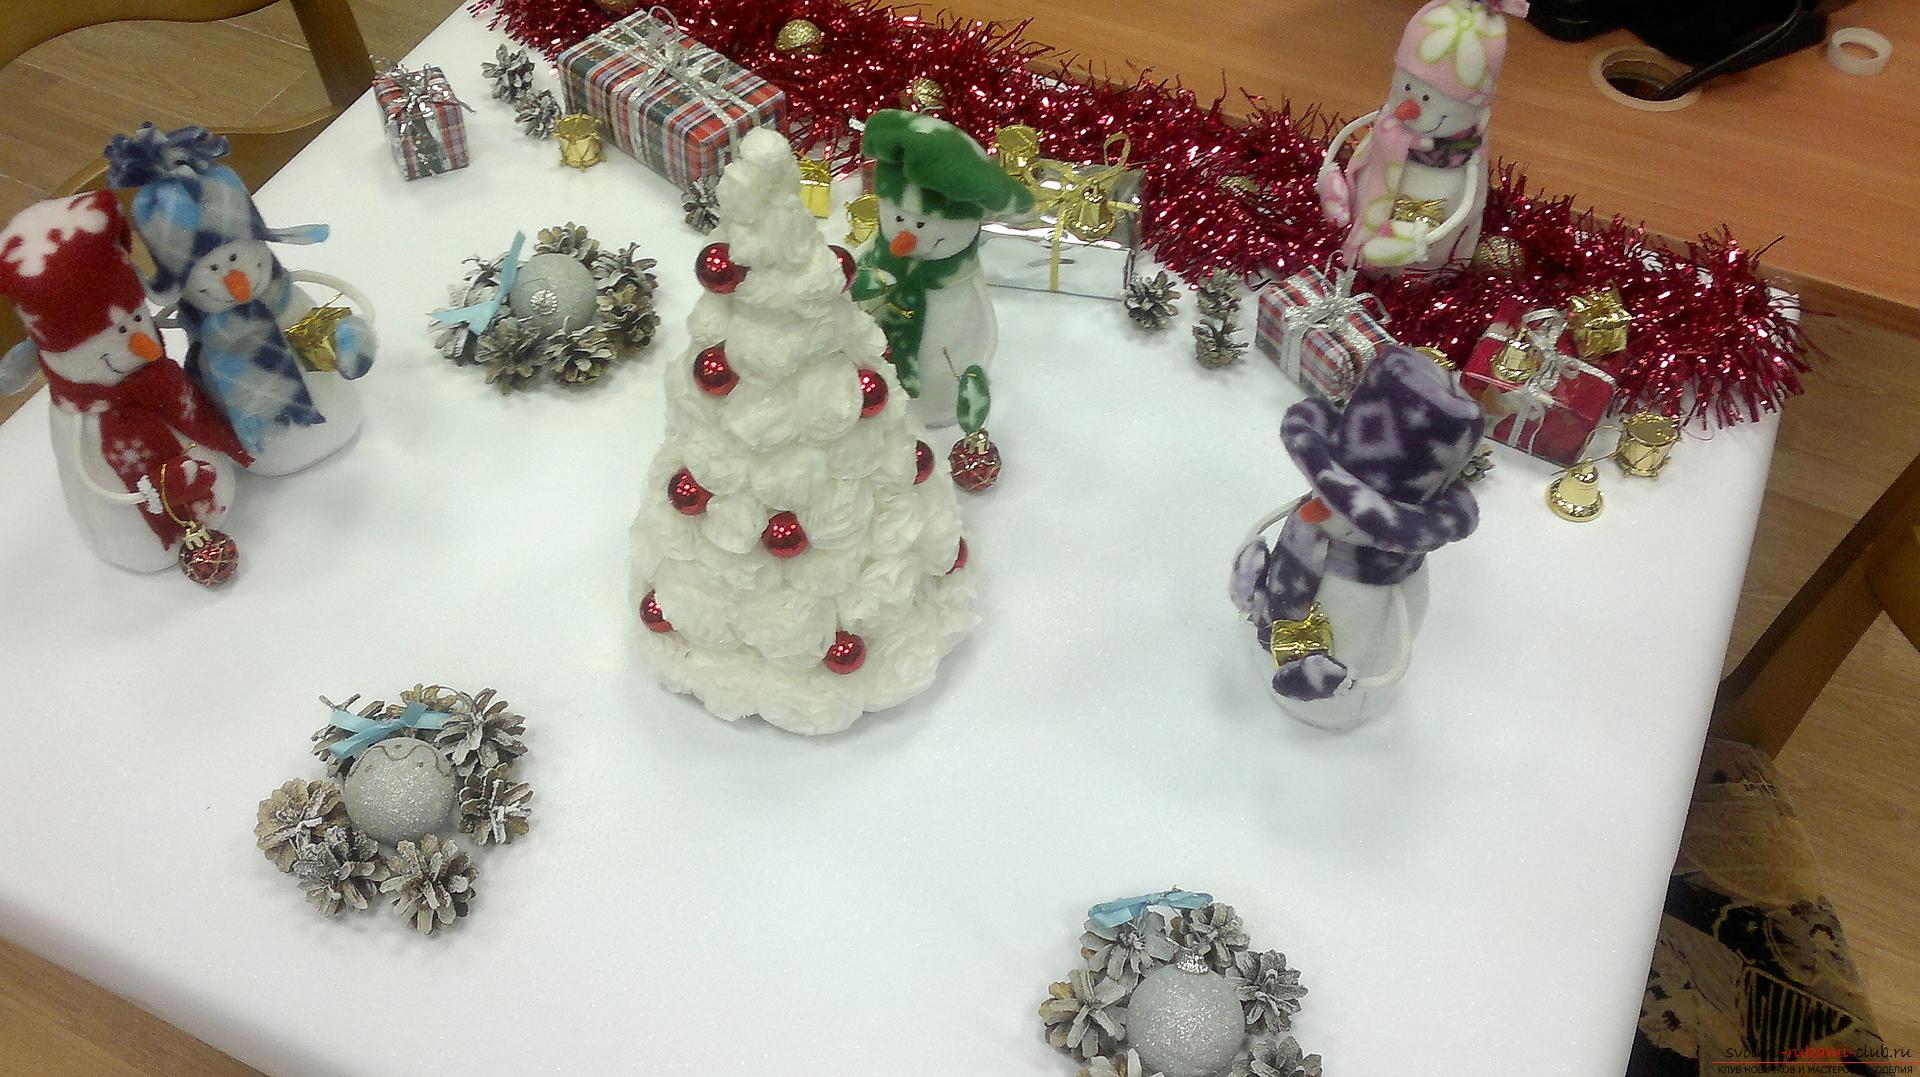 Снеговики из фетра помогут создать новогоднюю обстановку в каждом доме. Поделка на Новый год может быть не купленной в магазине, украшение к новогоднему столу можно сделать своими руками.. Фото №2